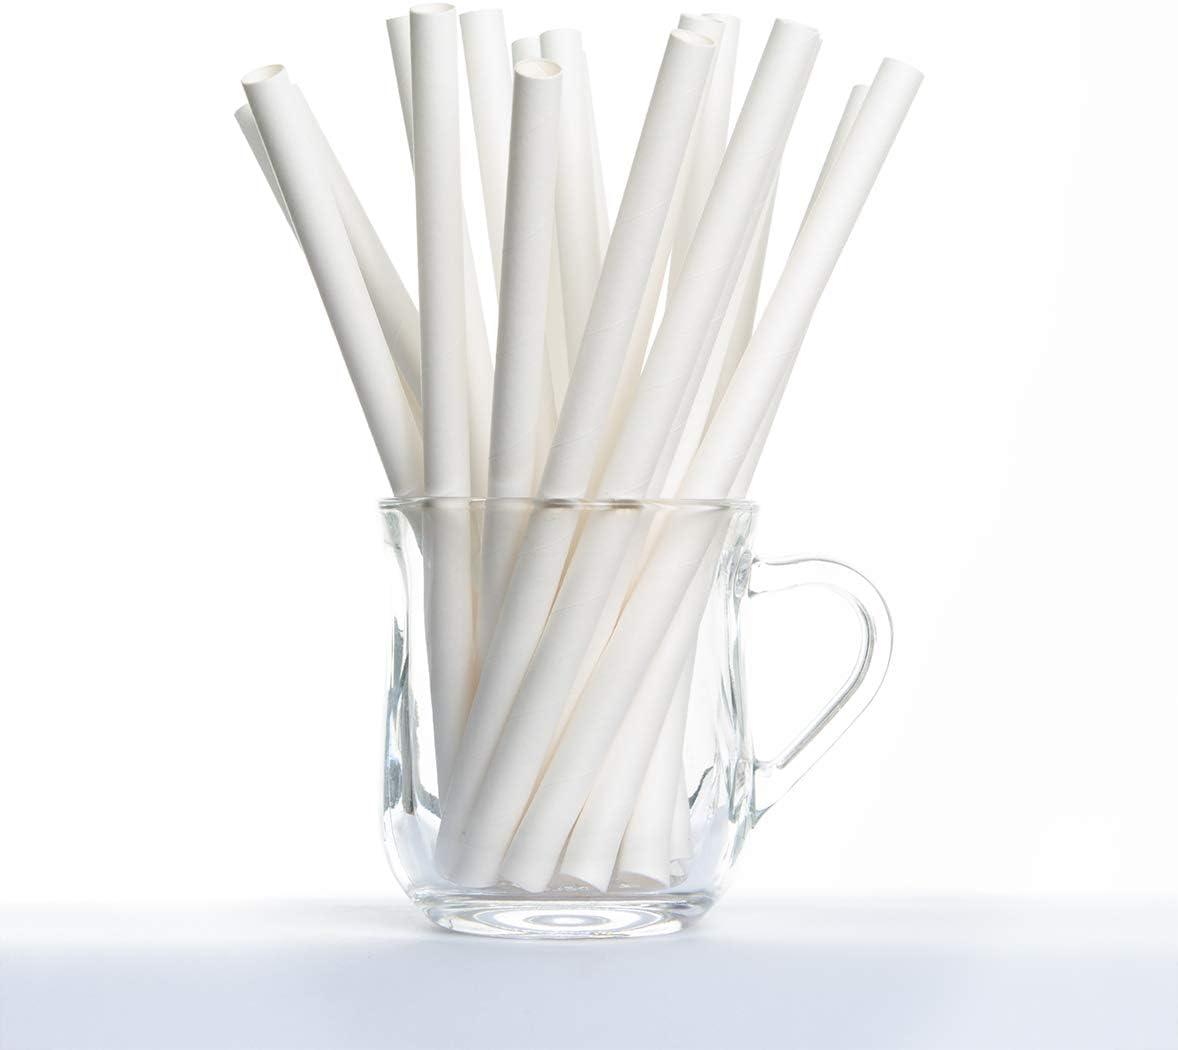 San Valentino ecologiche compleanni matrimoni baby shower riciclabili 150 pezzi Bamboo biodegradabili per feste Cannucce di carta